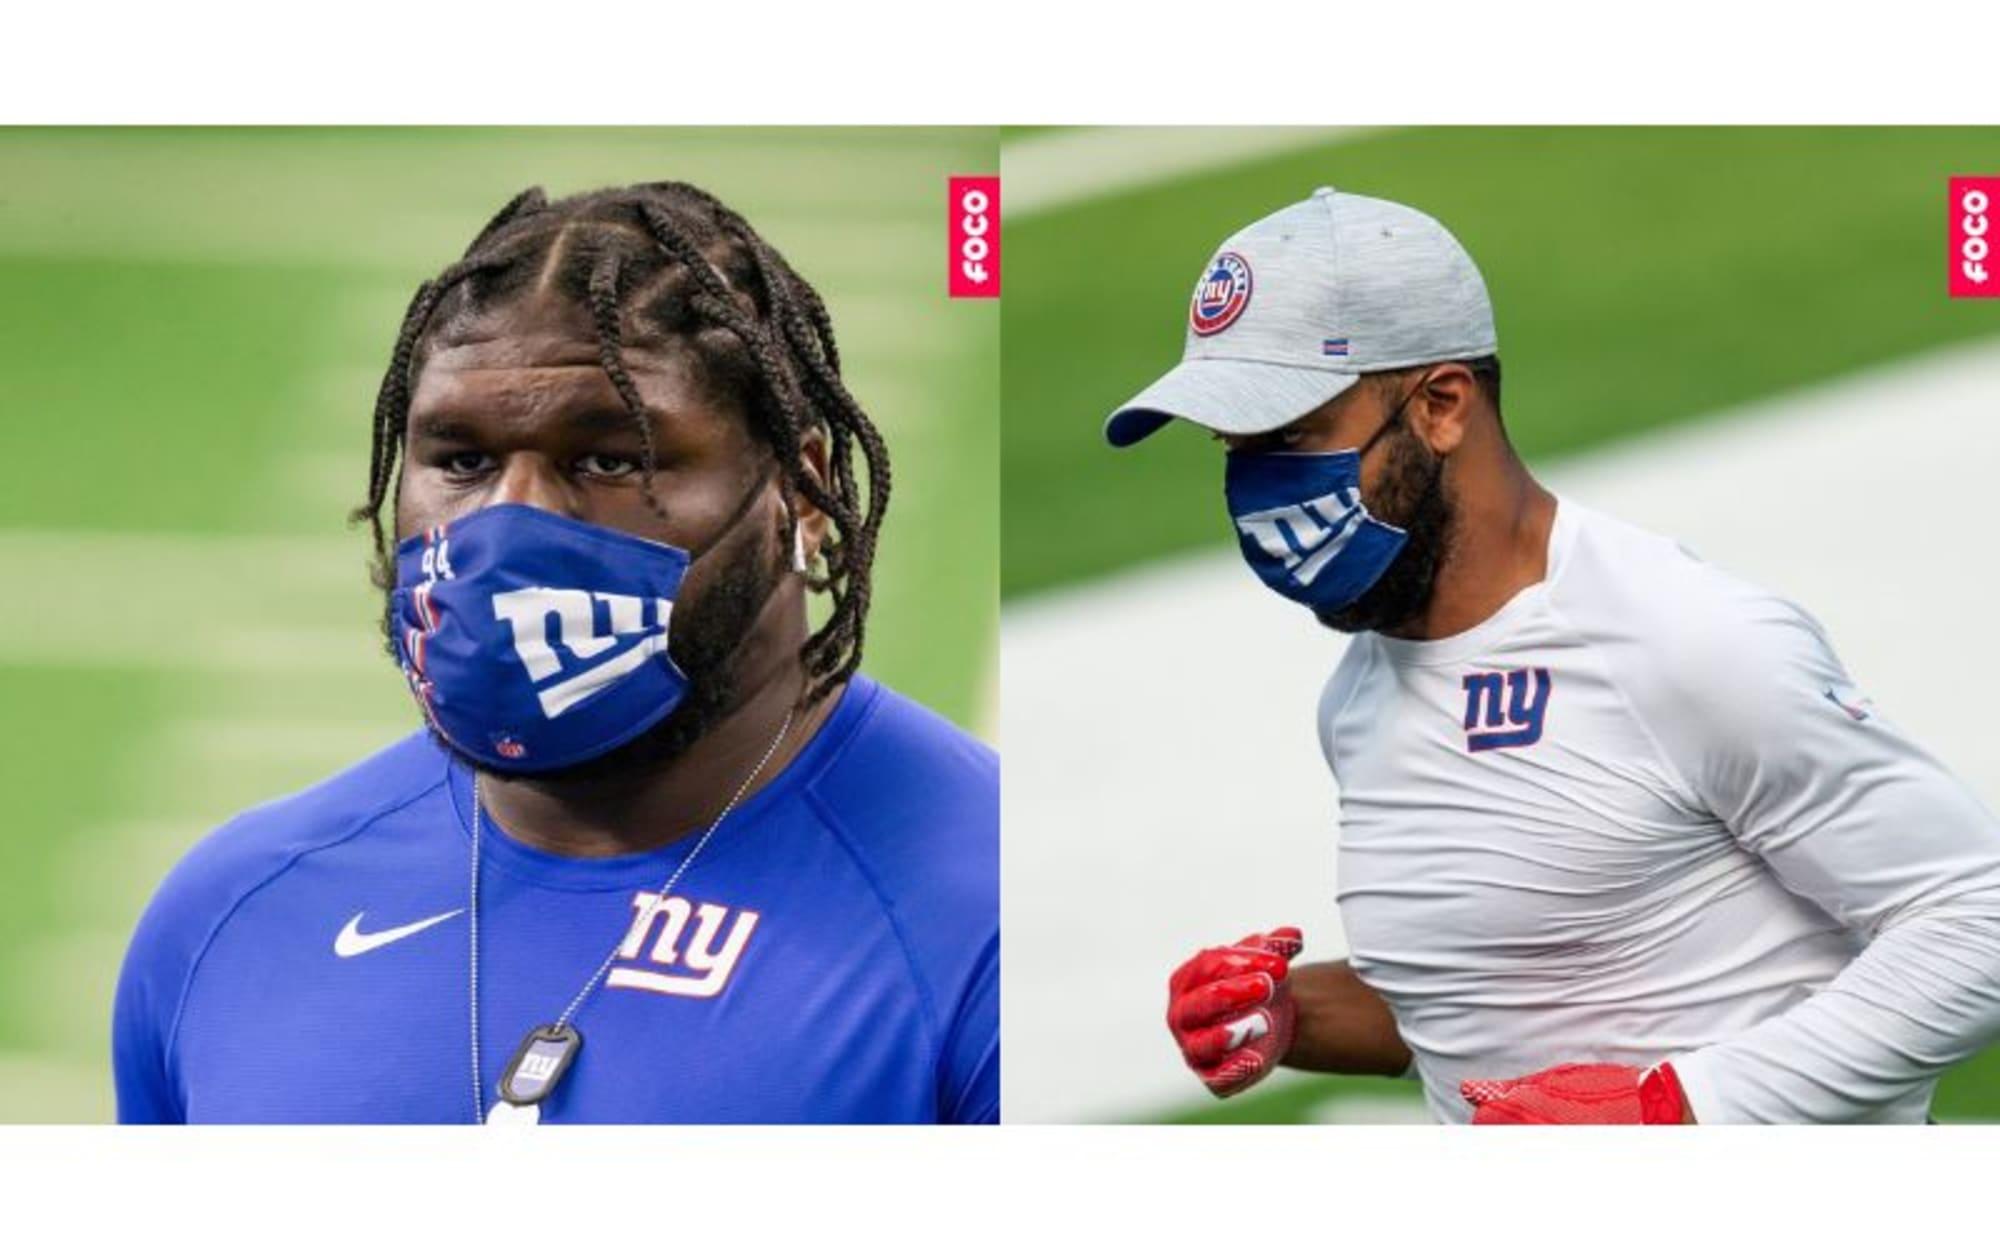 Rock the same face covers que seus jogadores favoritos da NFL com FOCO